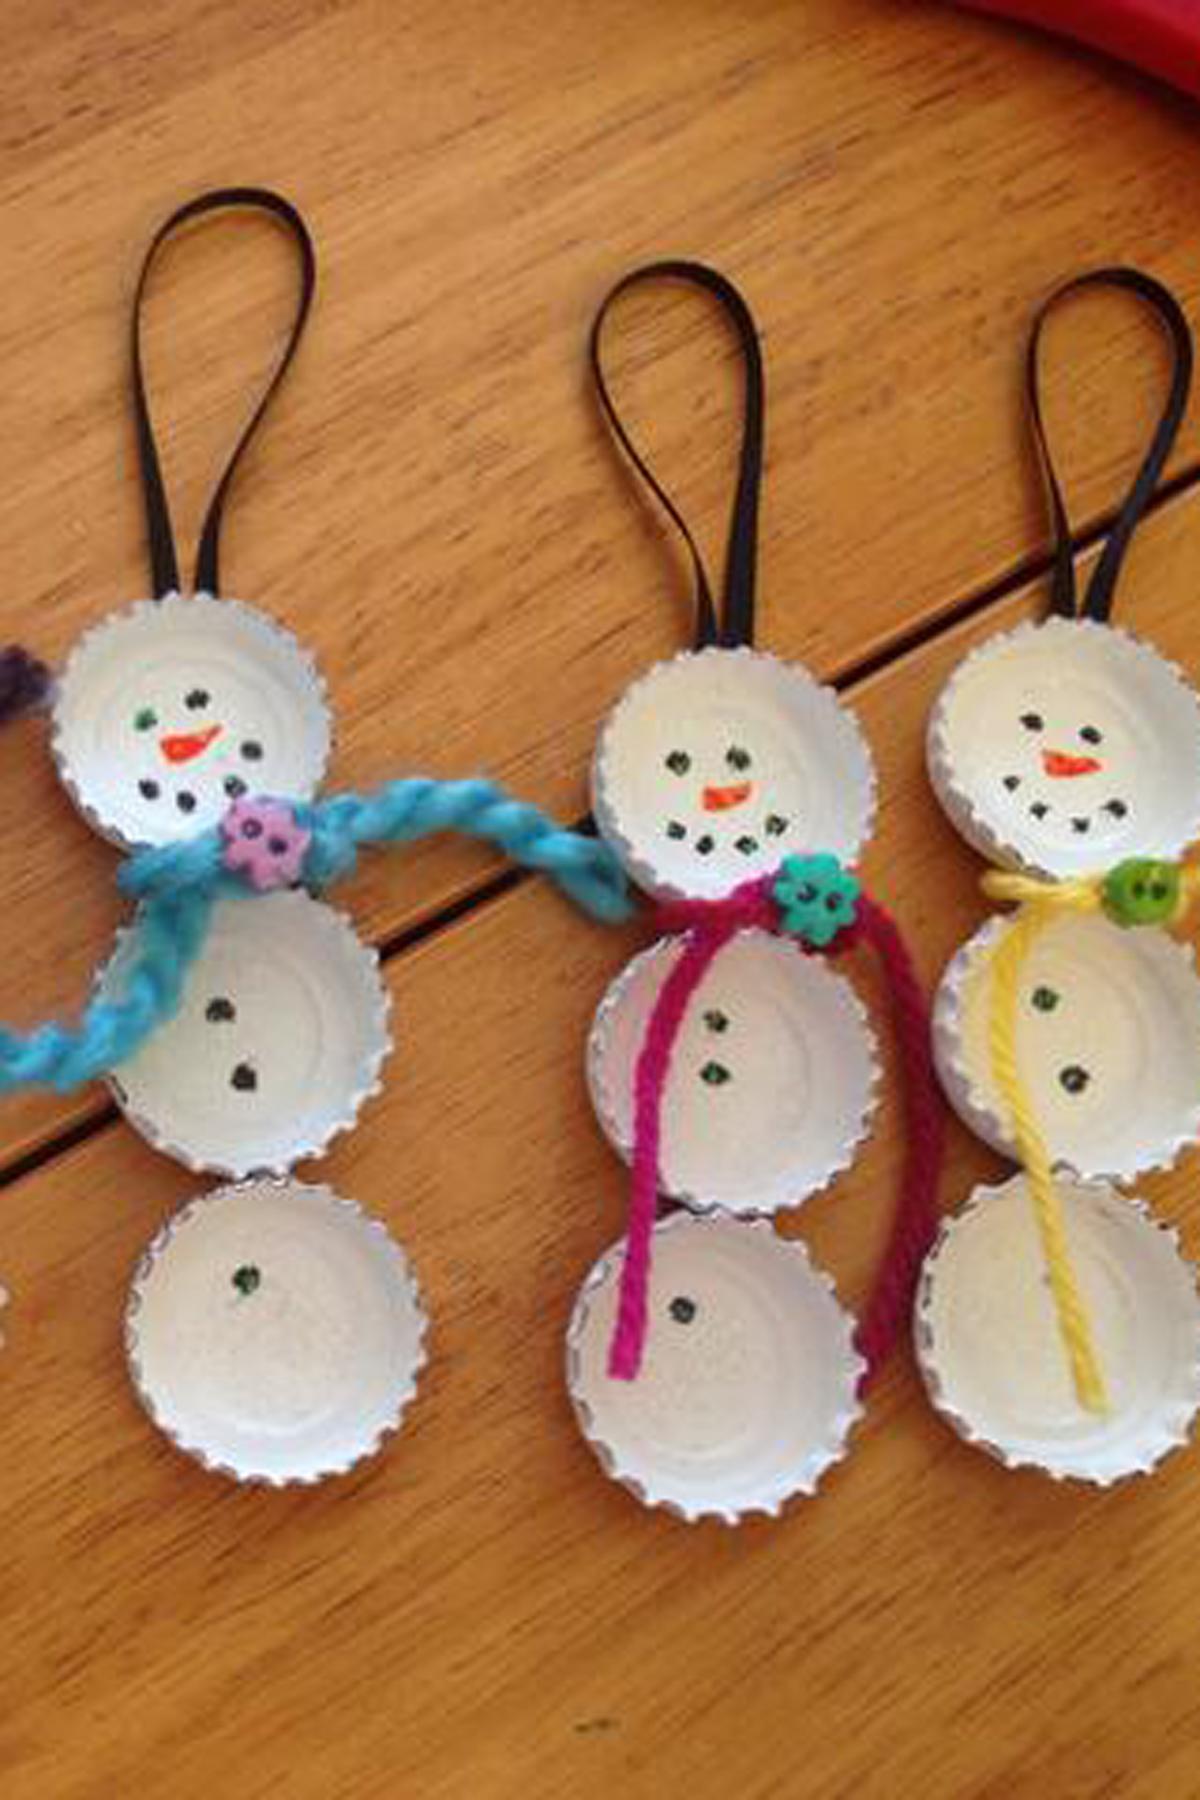 Njoy D Christmas With Homemade Crafts 22 DIY Christmas